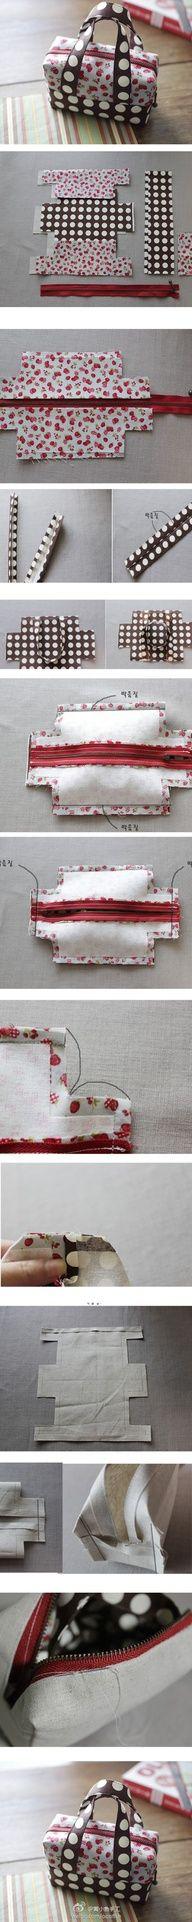 Cute bag! <3